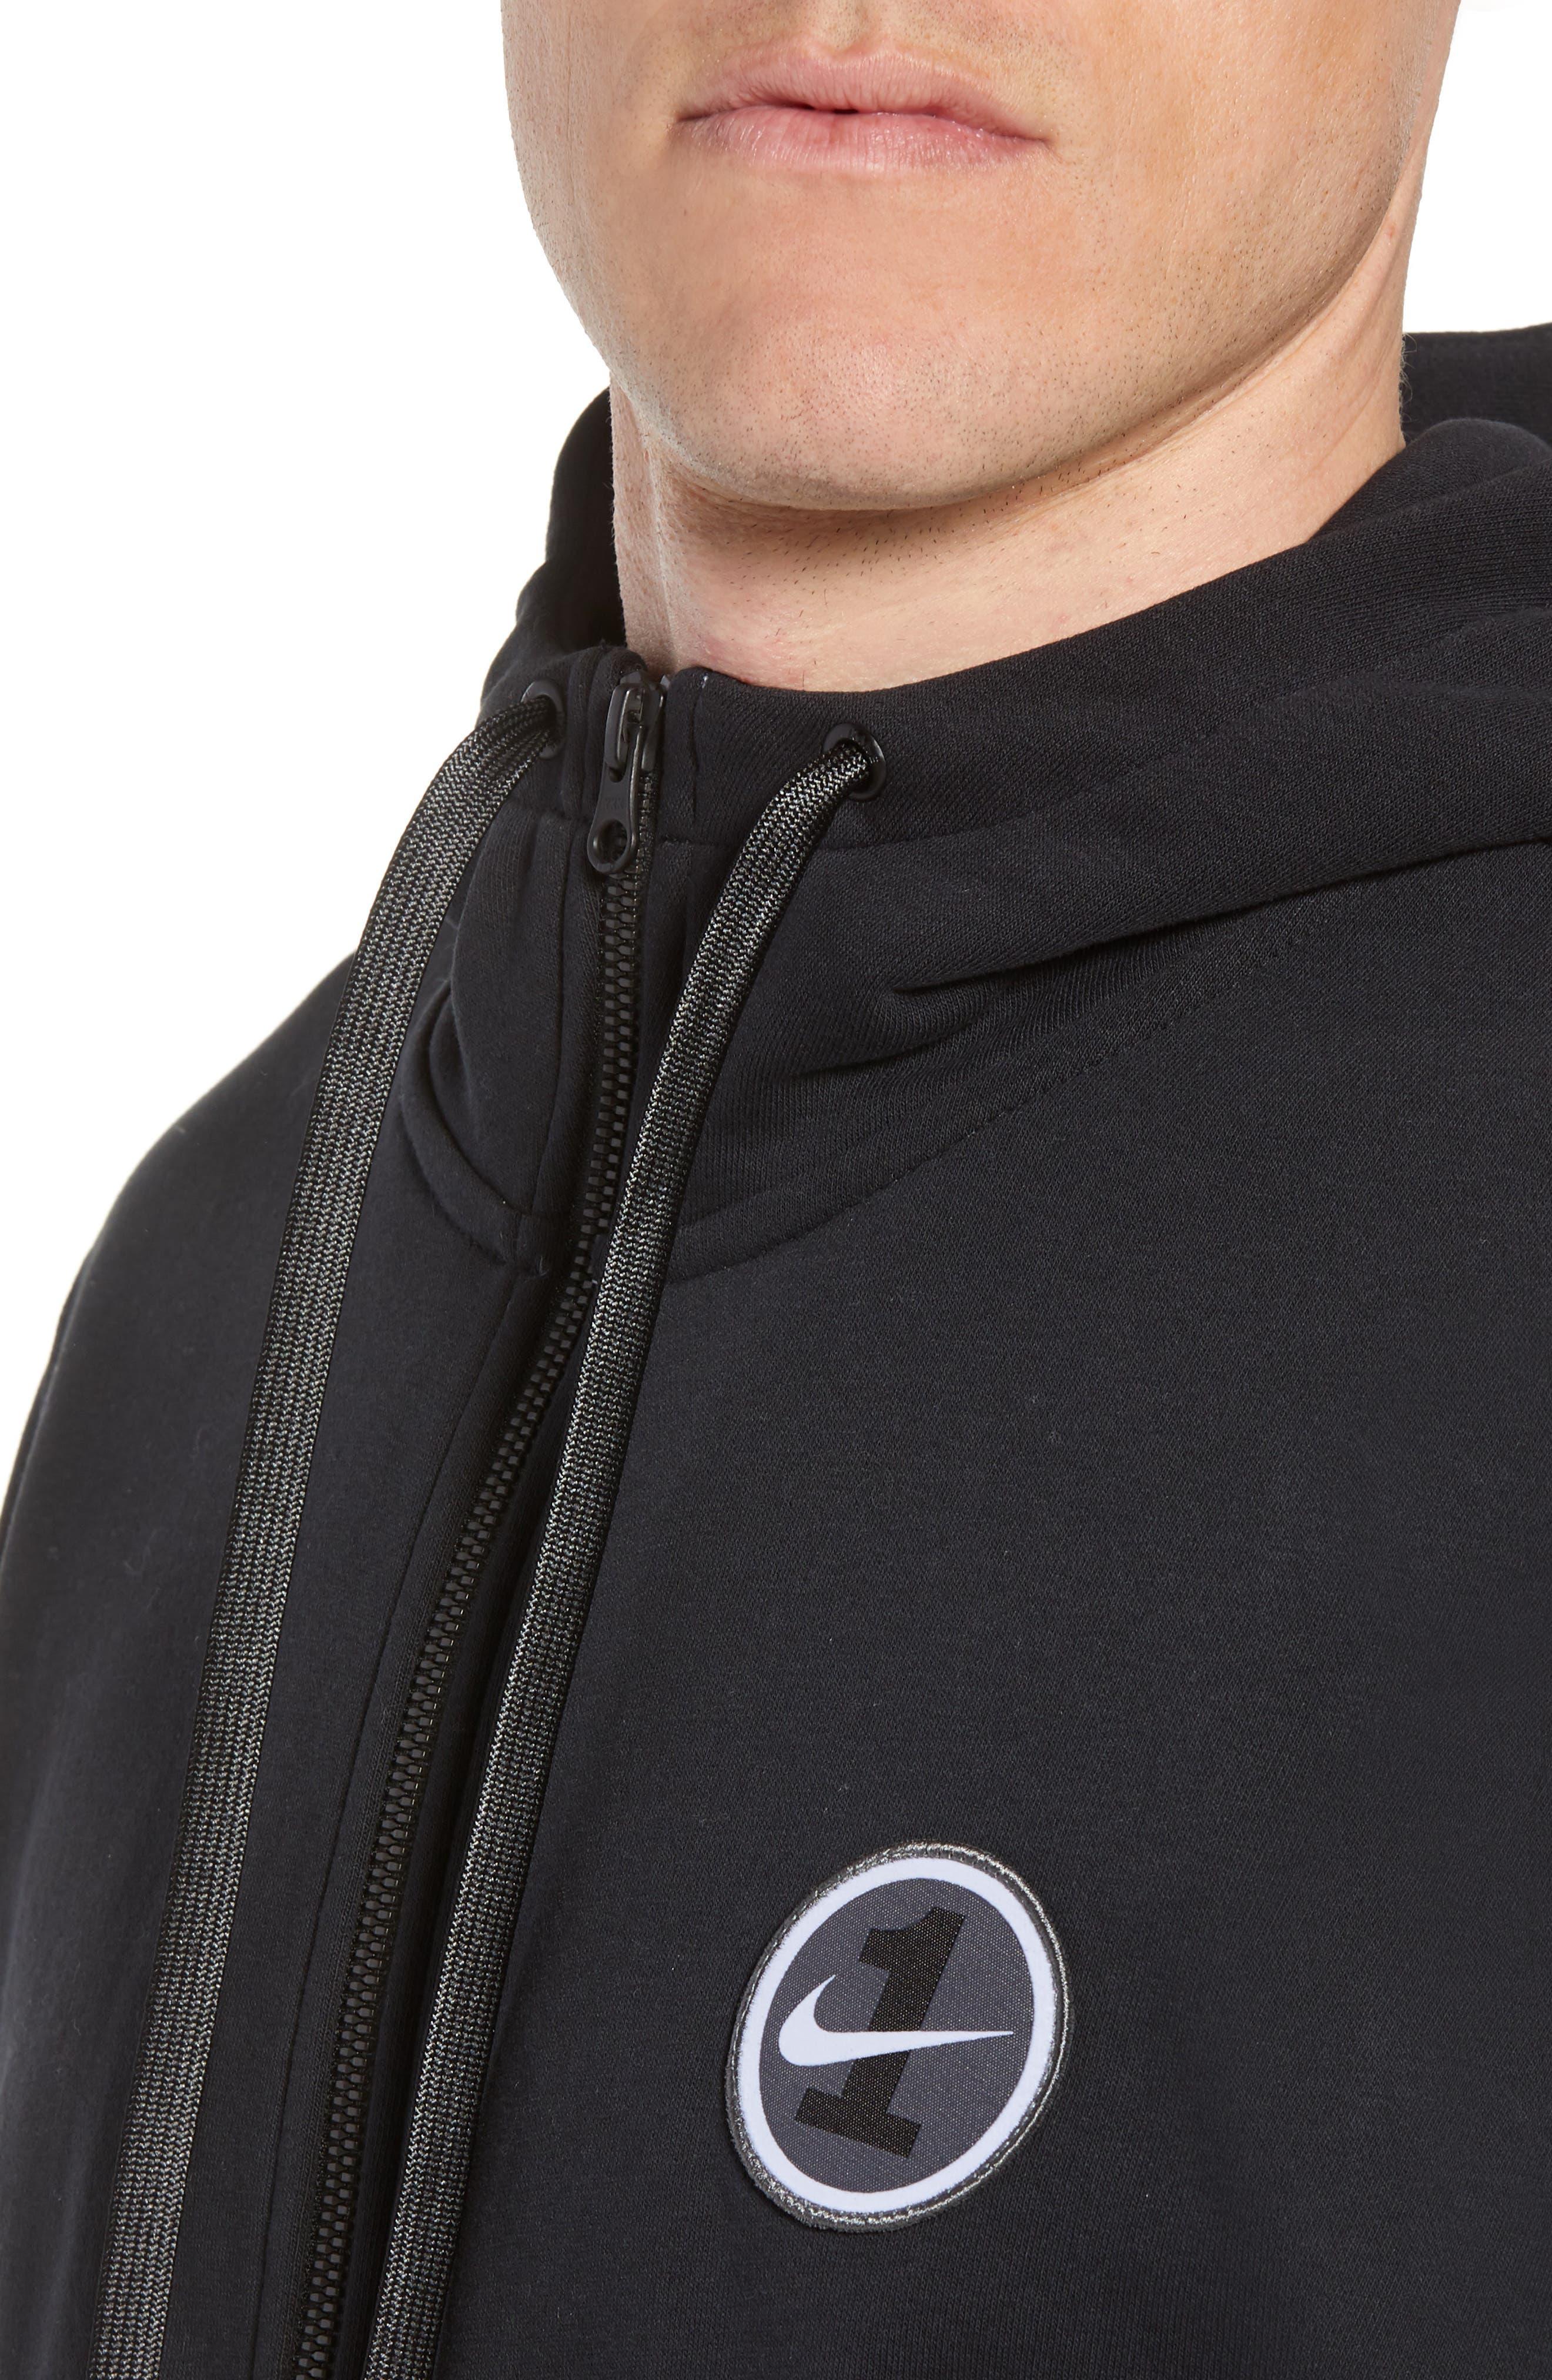 Sportswear Air Force 1 Full Zip Hoodie,                             Alternate thumbnail 4, color,                             010